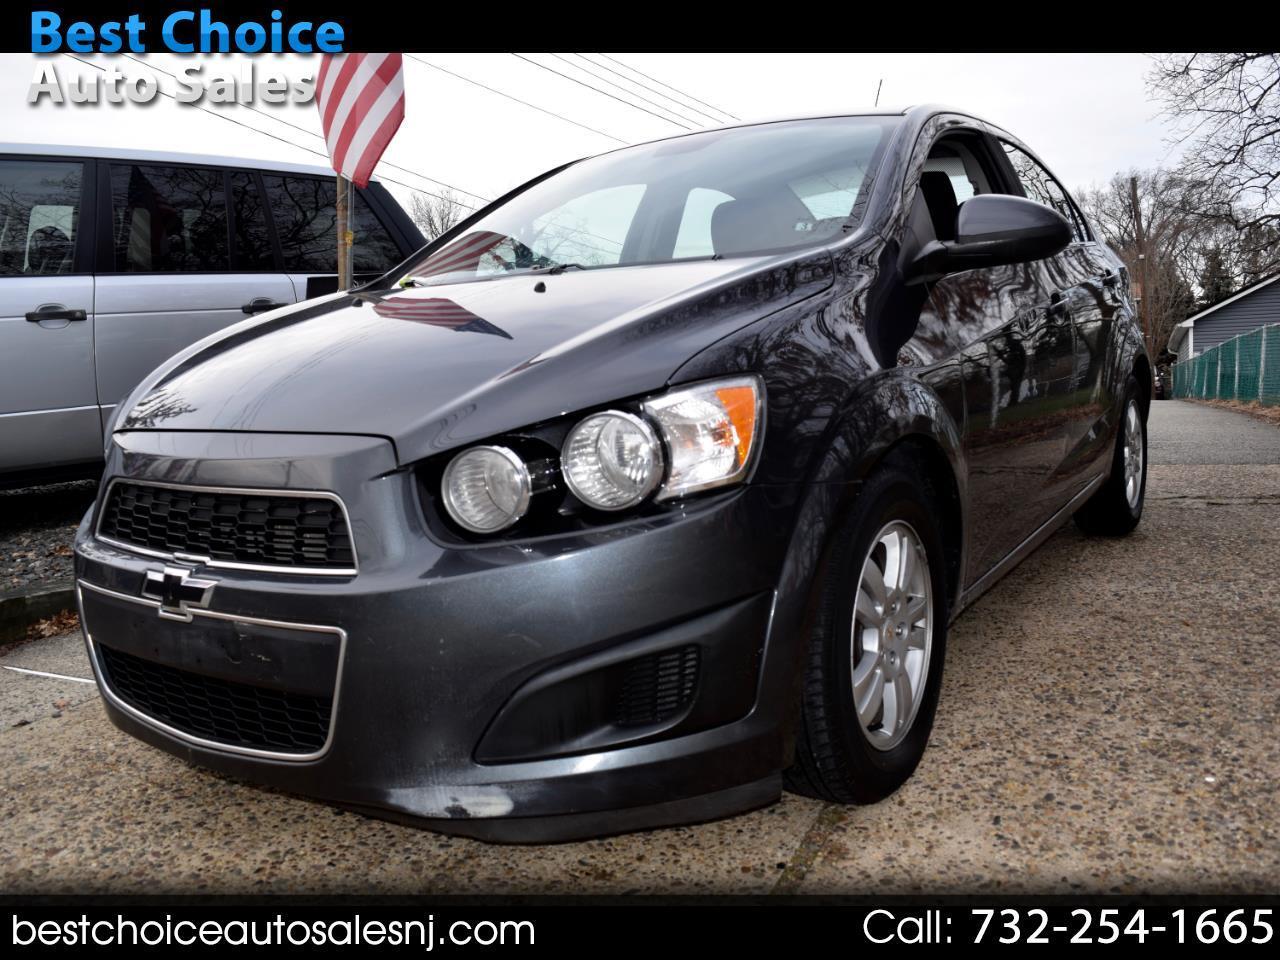 Chevrolet Sonic 4dr Sdn LT 2LT 2012